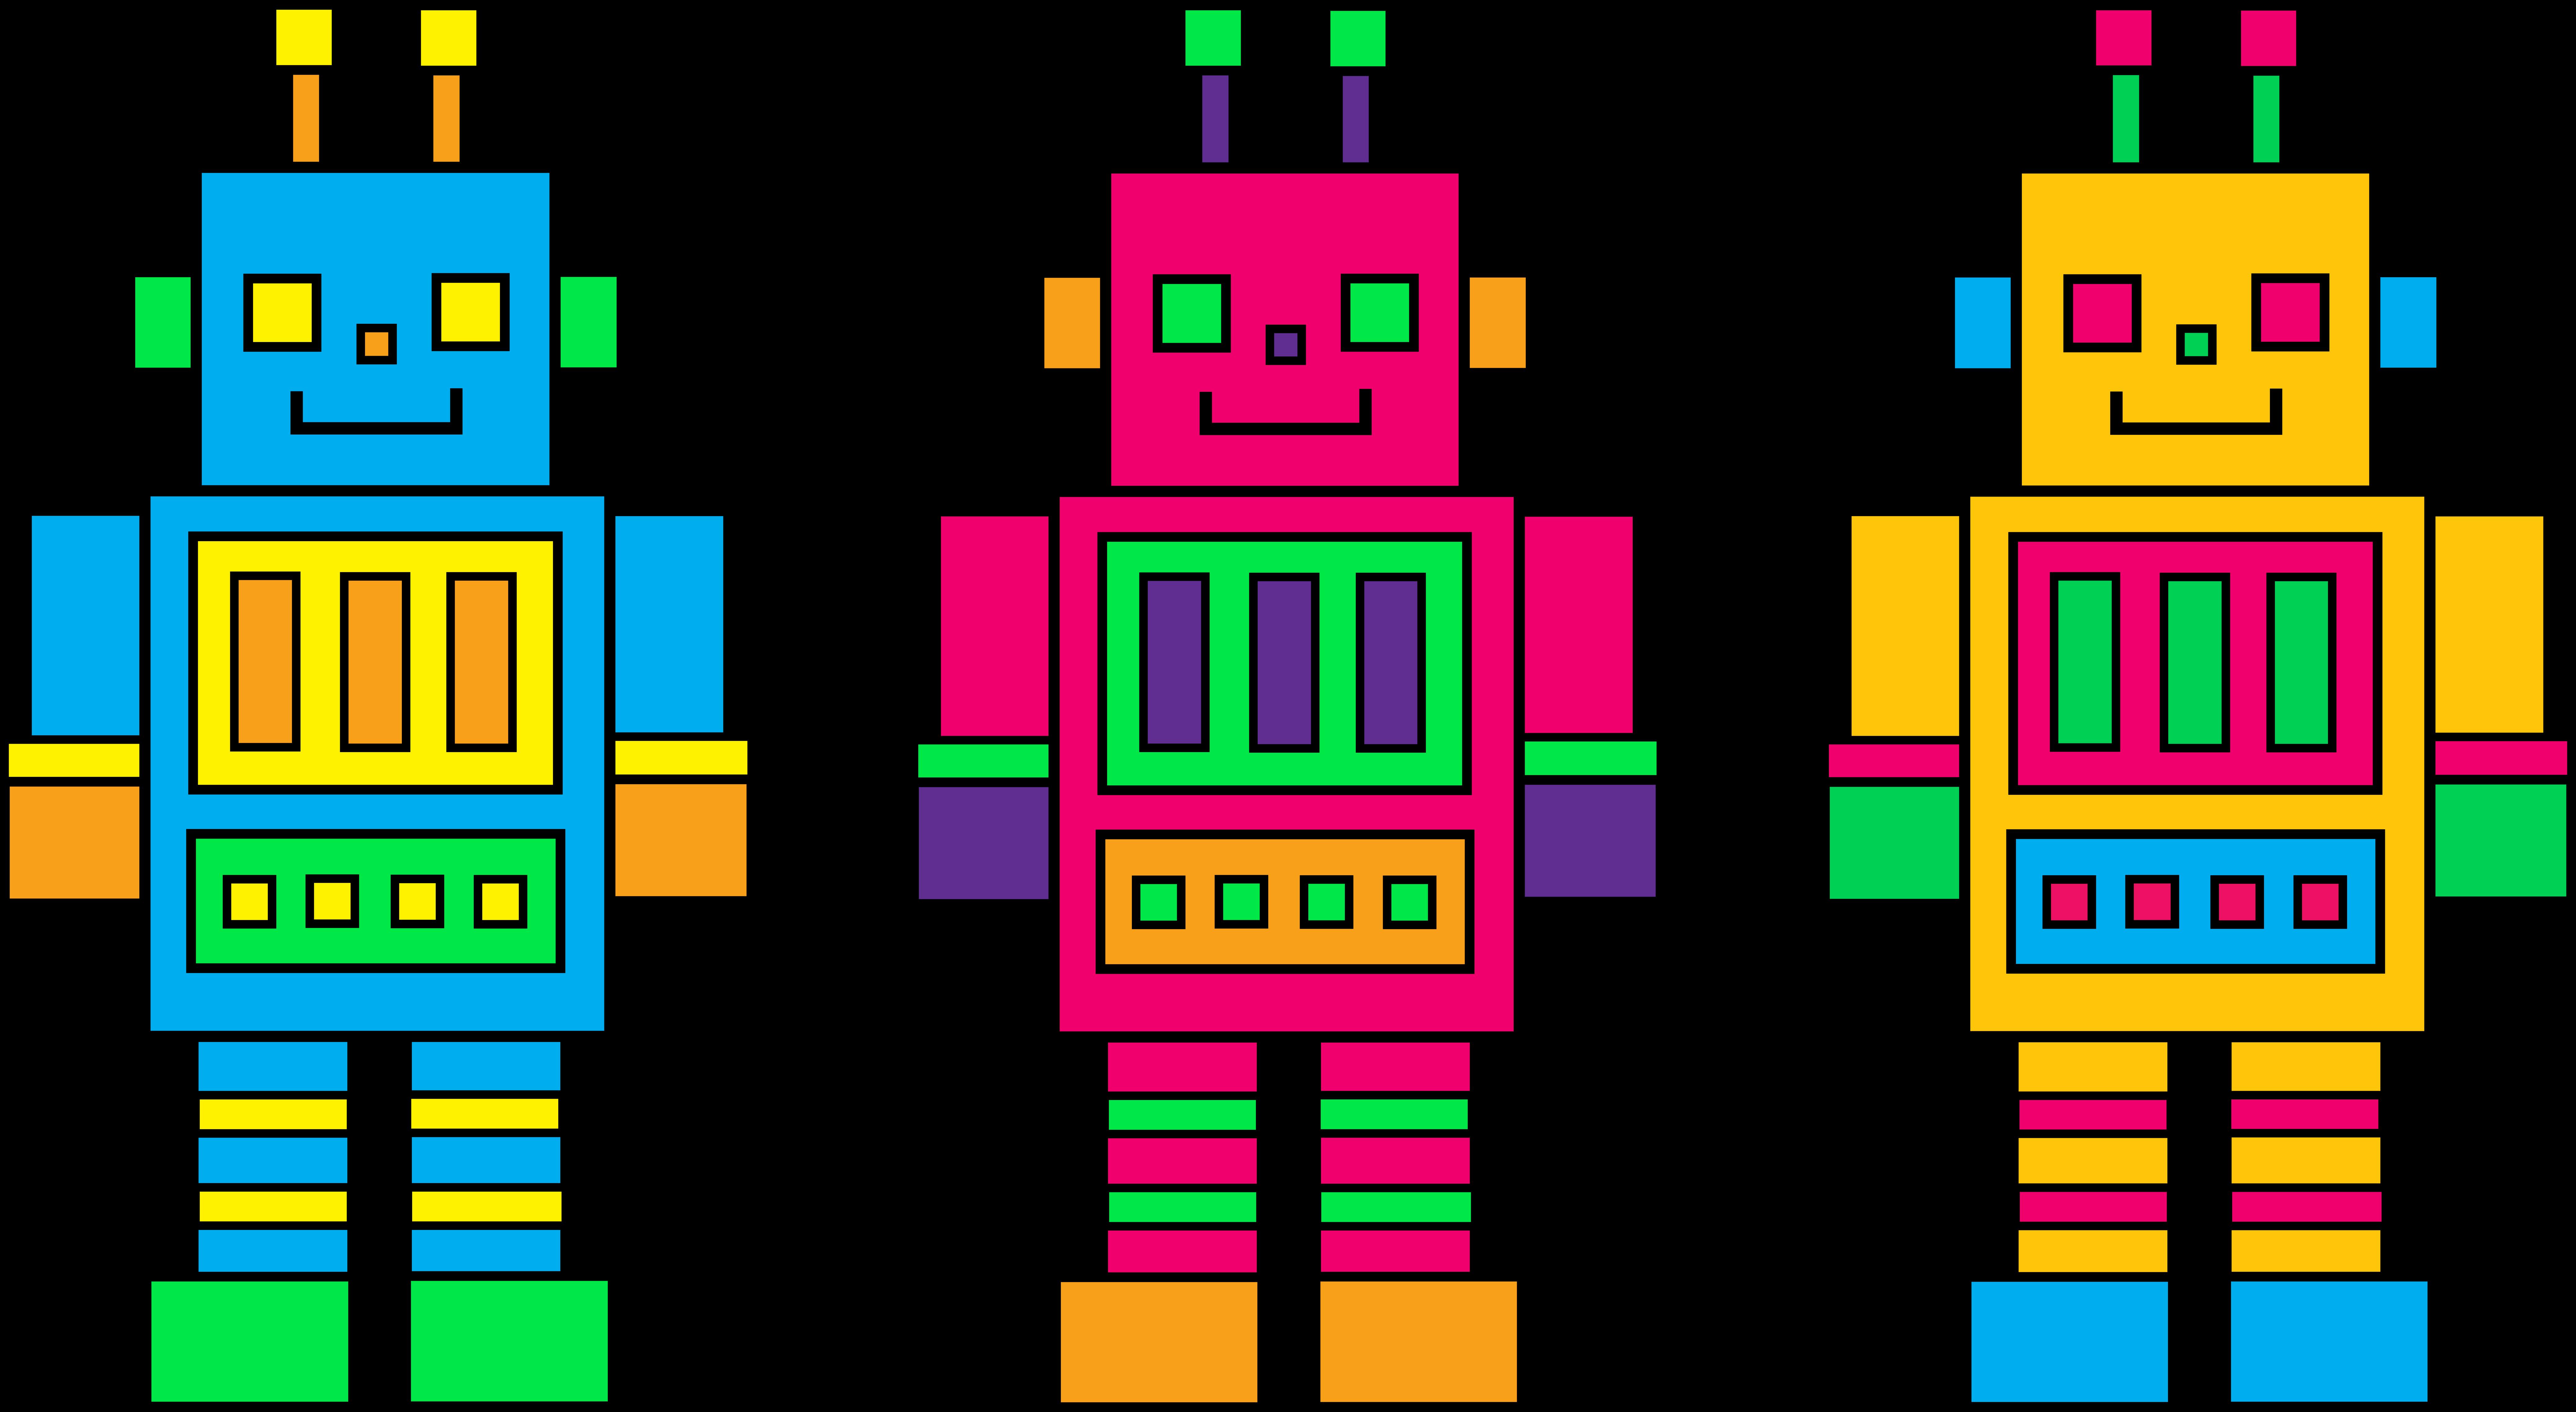 Clip Art. Robot Clipart. Drupload.com Free Clipart And Clip Art.